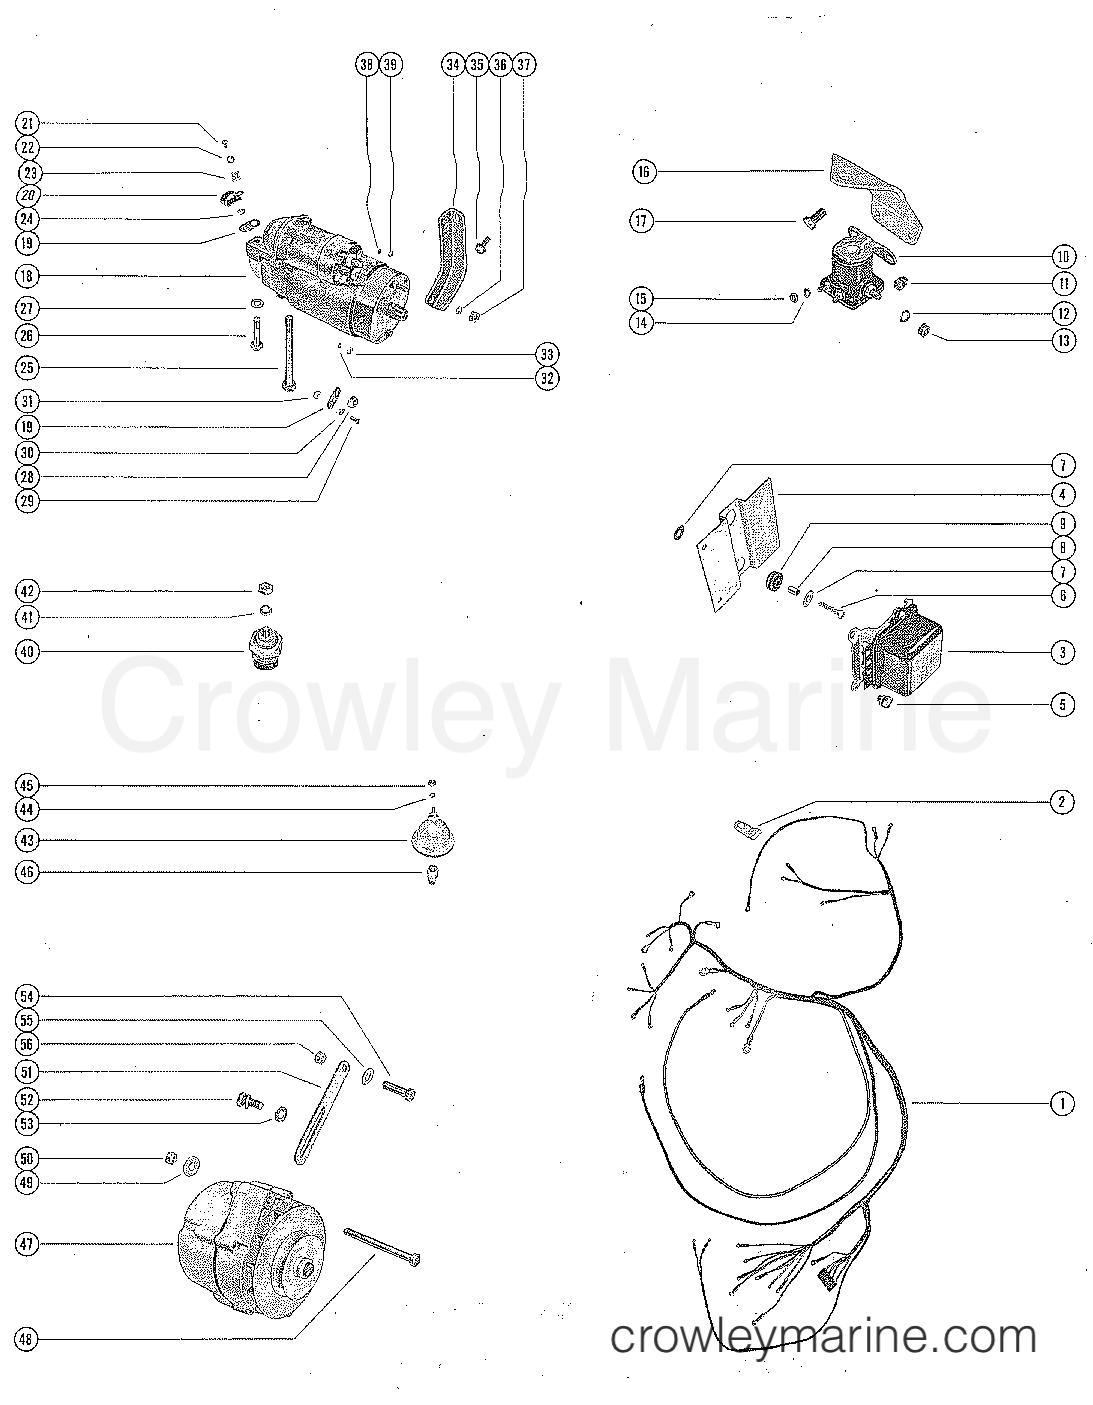 Serial Range Mercruiser 190 GM 283 V-8 1963-1964 - 1564539 THRU 1730903